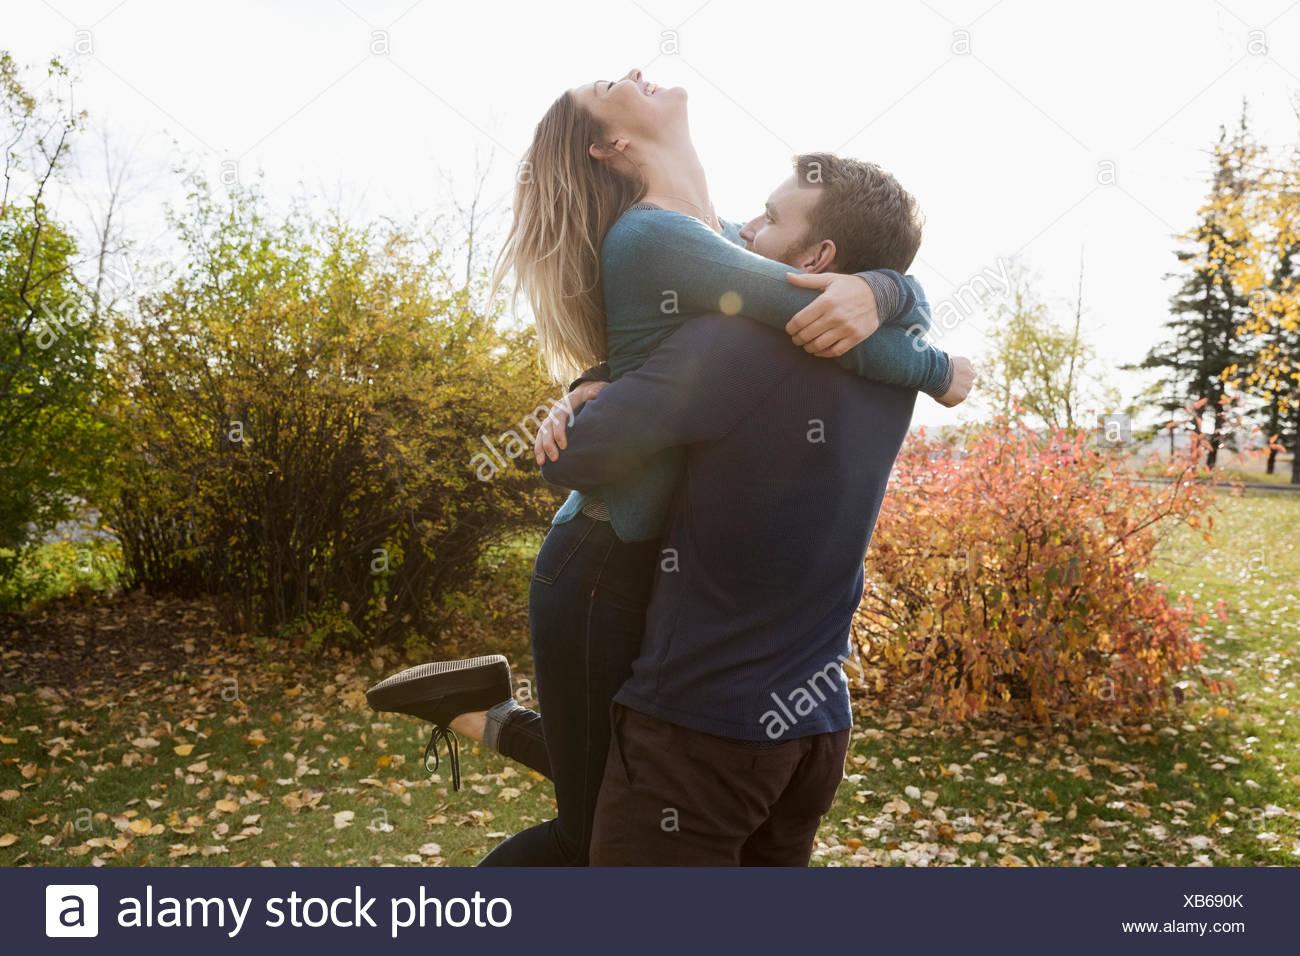 Pareja juguetona riendo y abrazando en otoño park Imagen De Stock